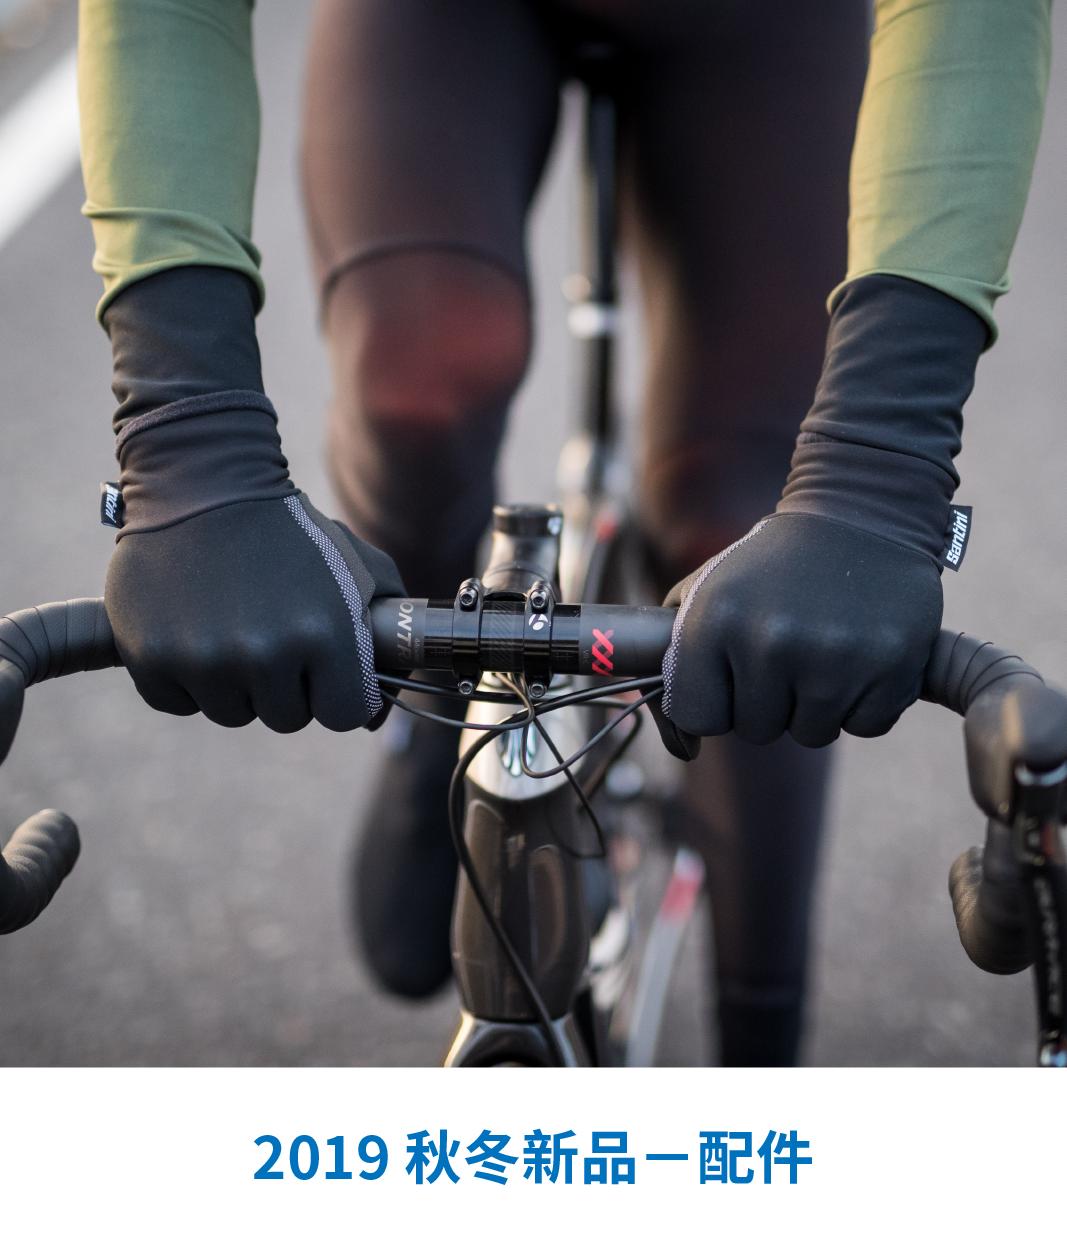 2019 秋冬新品-配件